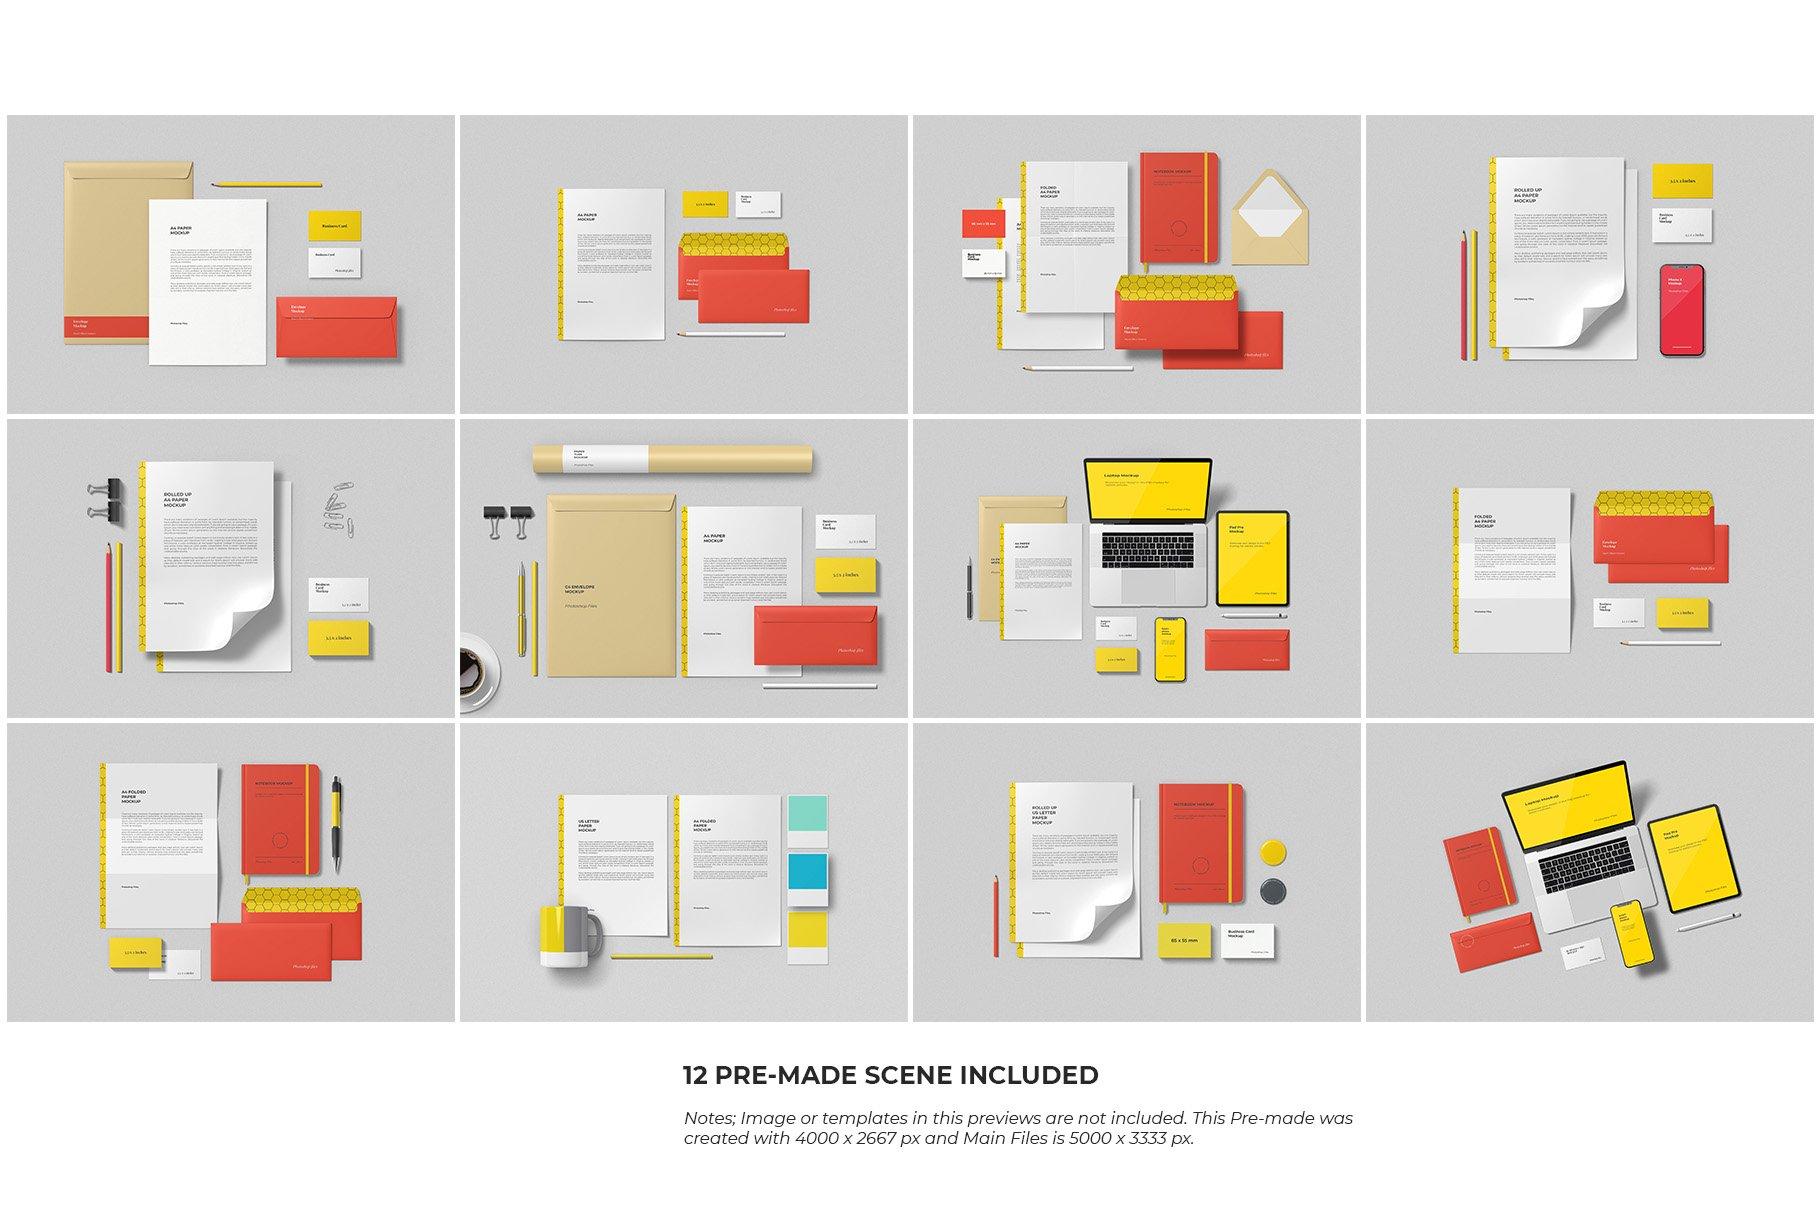 12个时尚简约品牌Logo设计办公用品展示贴图样机模板套装 Branding Mockup Scene Creator插图15